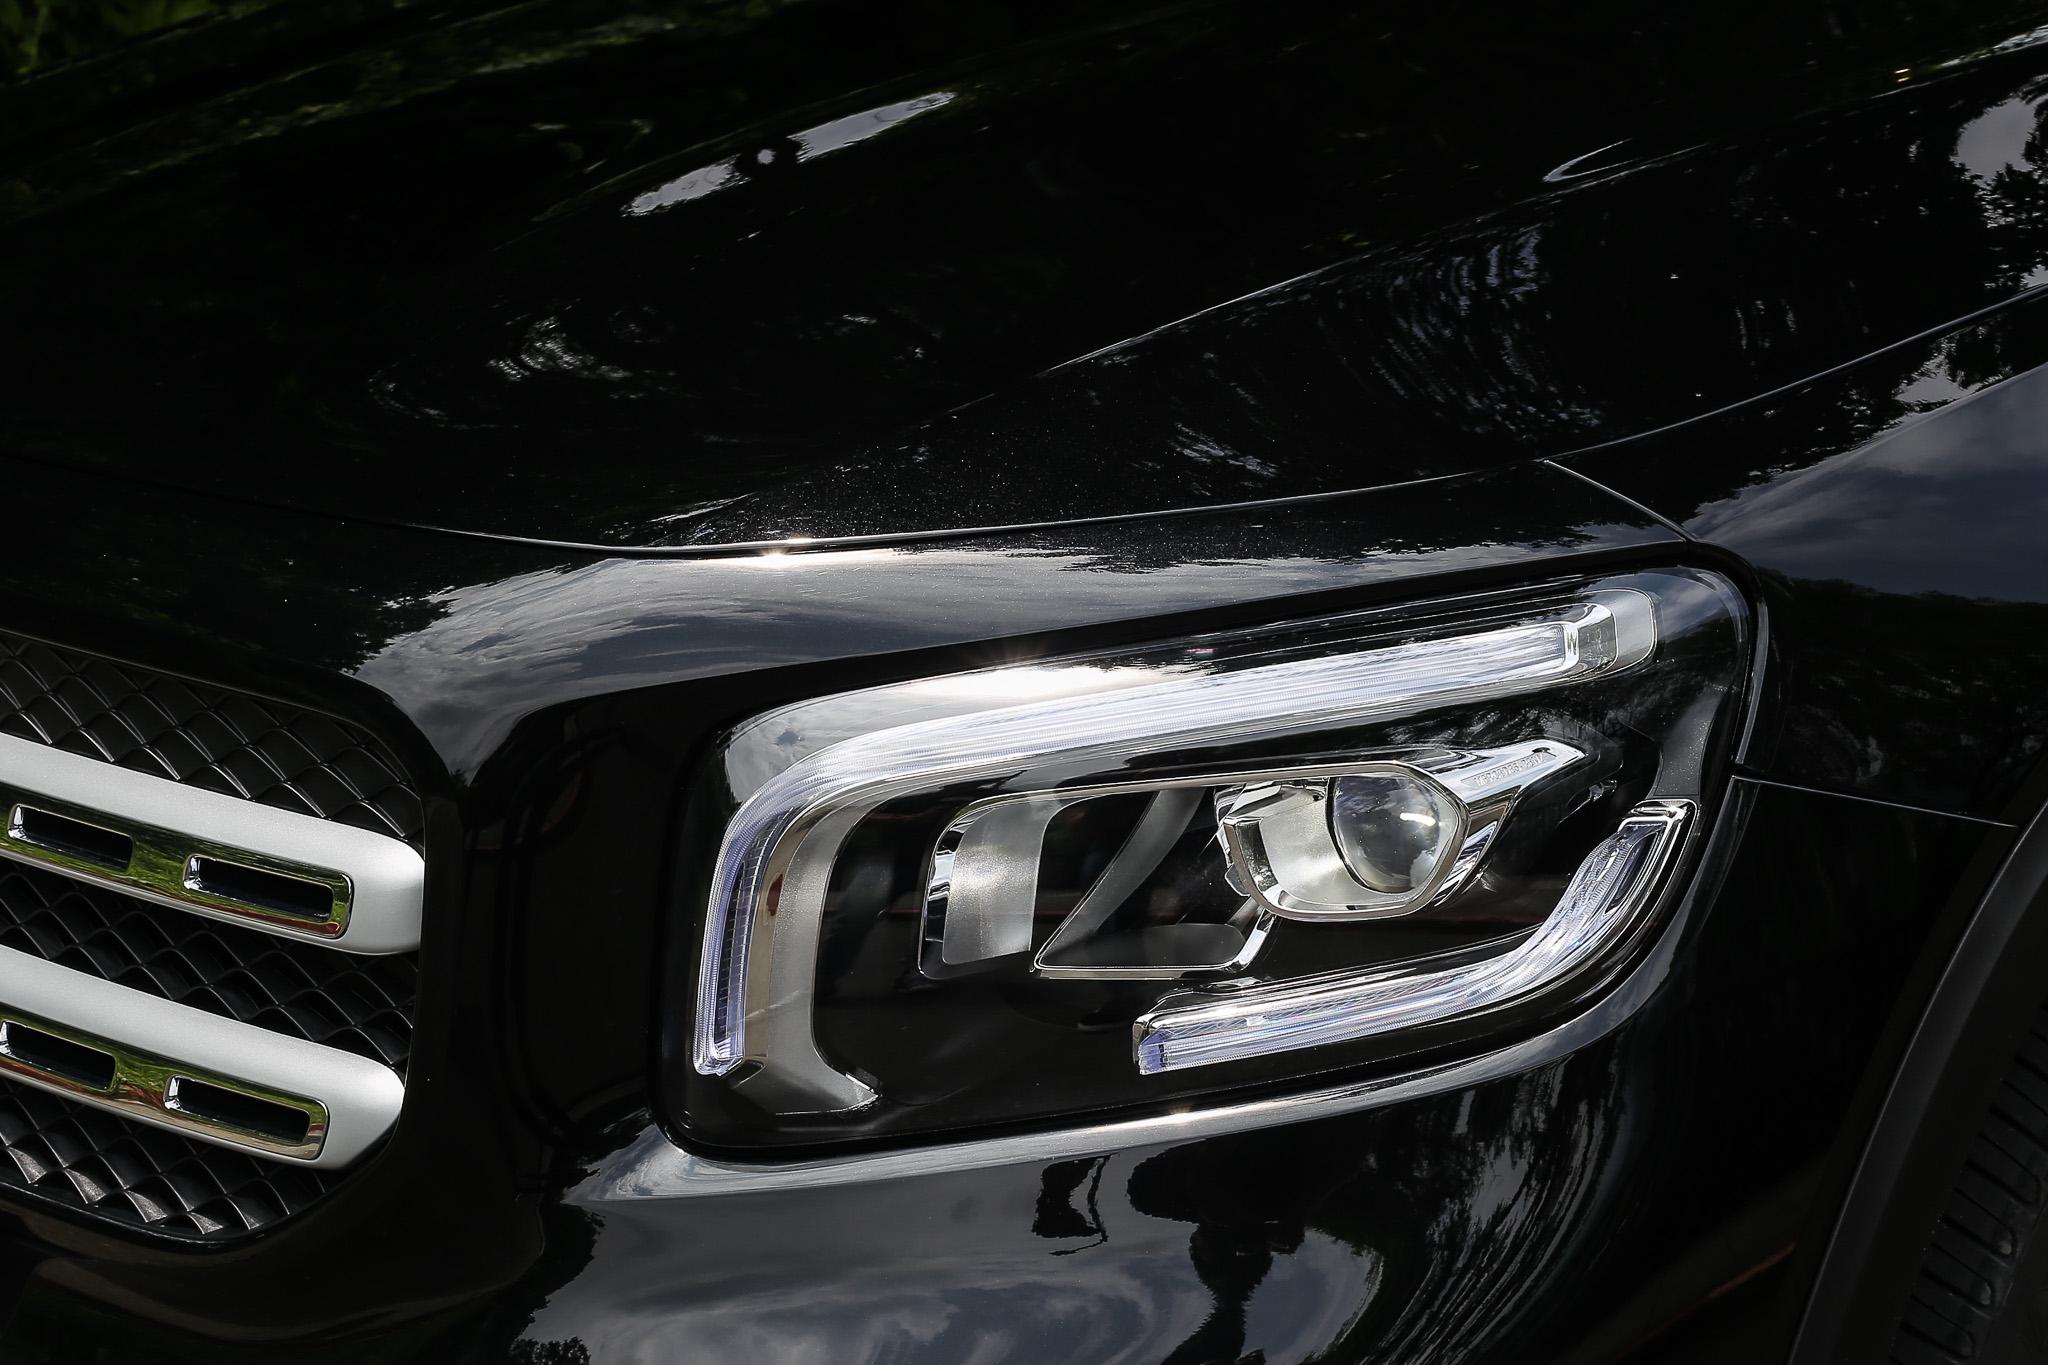 標準型 LED 頭燈為 GLB 全車系標配。